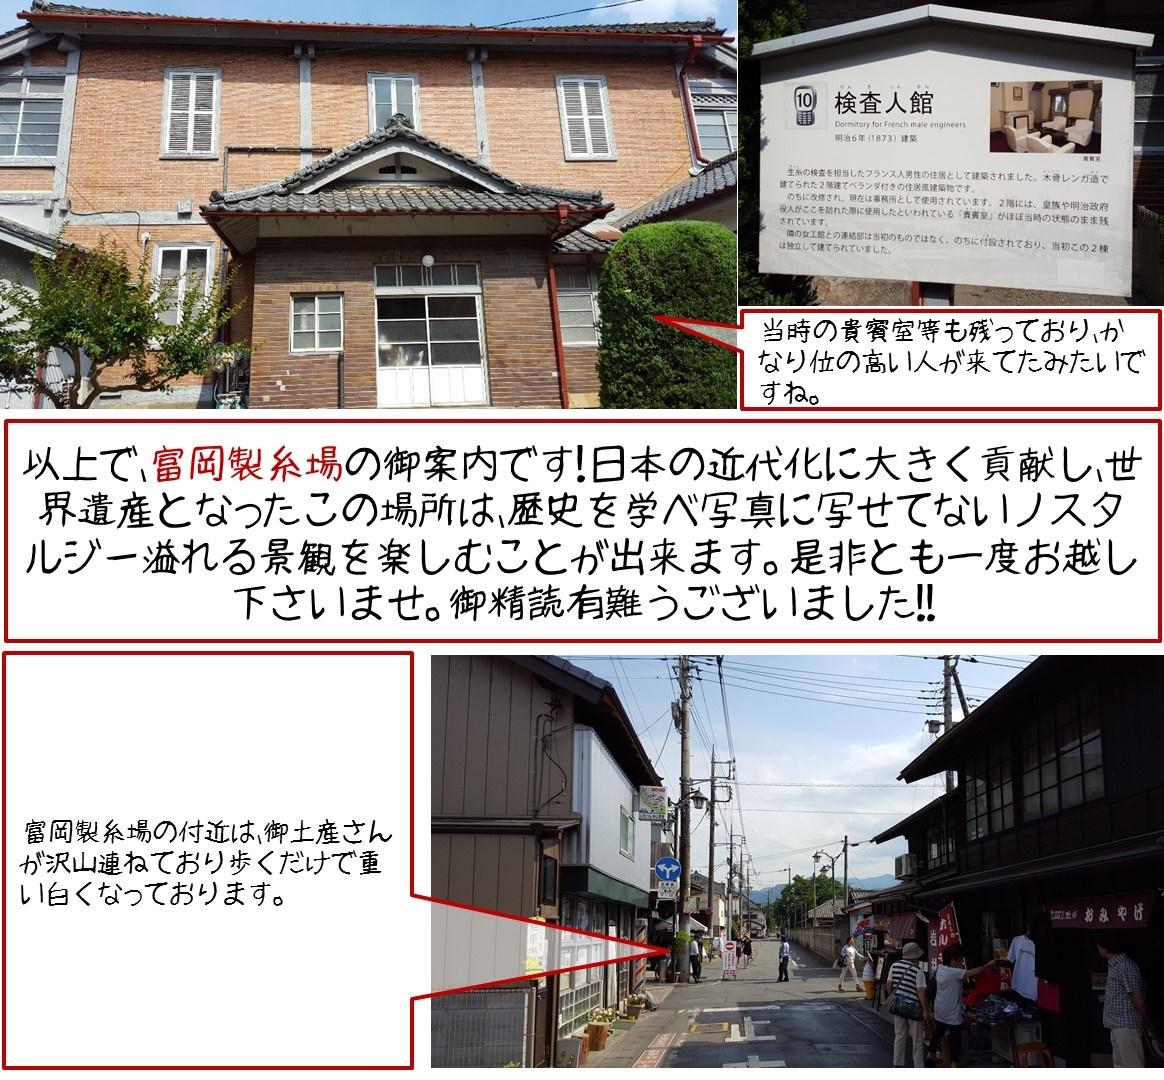 当時の貴賓室等も残っており、かなり位の高い人が来てたみたいですね。 以上で、富岡製糸場の御案内です! 日本の近代化に大きく貢献し、世界遺産となったこの場所は、歴史を学べ写真に写せてないノスタルジー溢れる景観を楽しむことが出来ます。   是非とも一度お越し下さいませ。  御精読有難うございました!!富岡製糸場の付近は、御土産さんが沢山連ねており歩くだけで重い白くなっております。